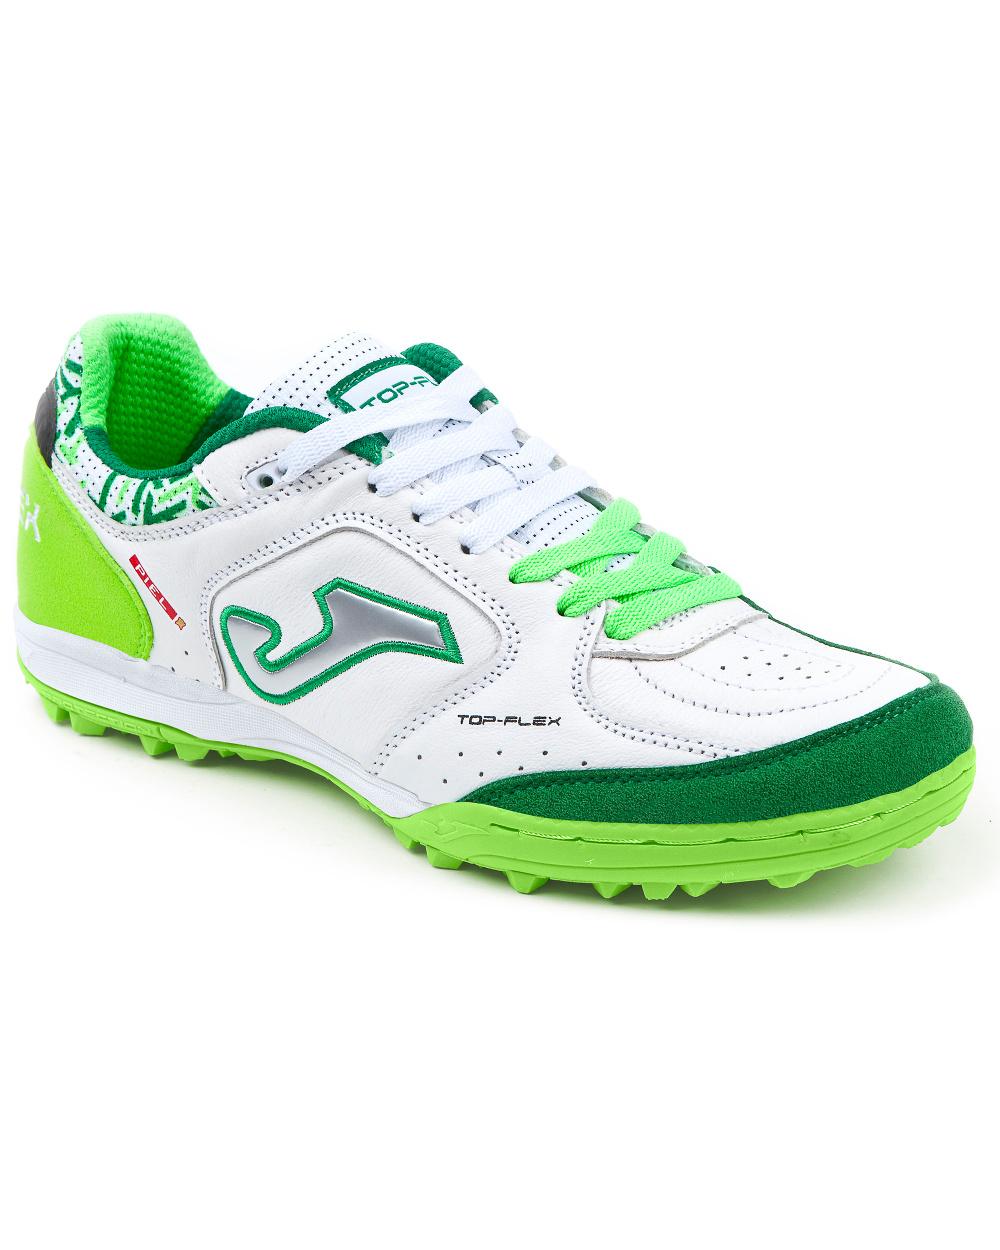 8a34384343c5d Football shoes Joma Scarpe da Calcio Top Flex 815 Bianco verde Calcetto  Turf 9 9 di 9 Vedi Altro